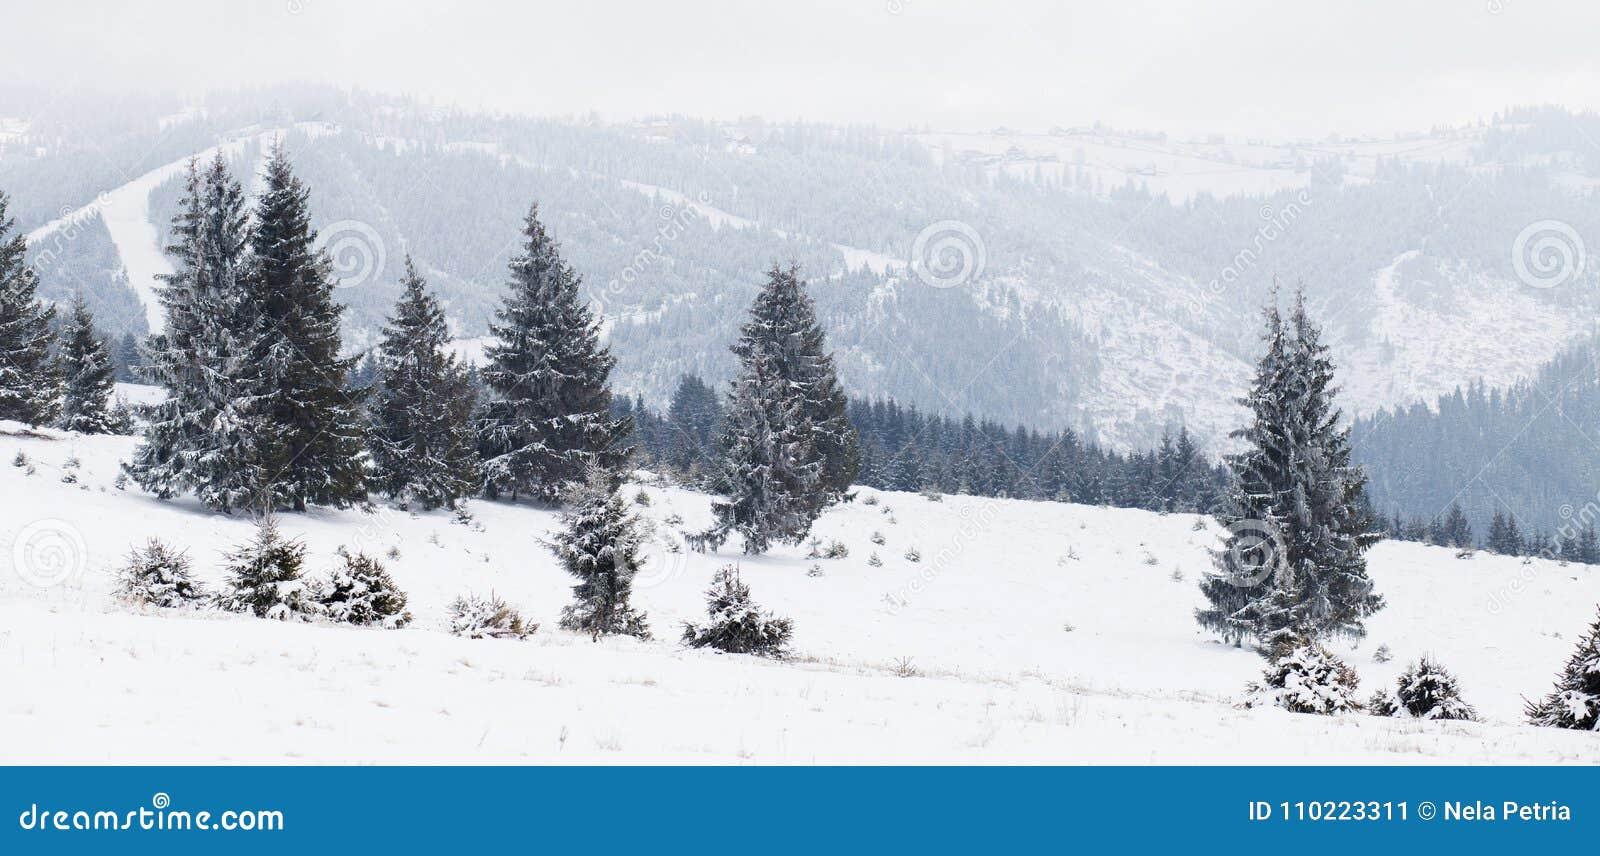 Winter Wonderland landscape, snowy fir tree background